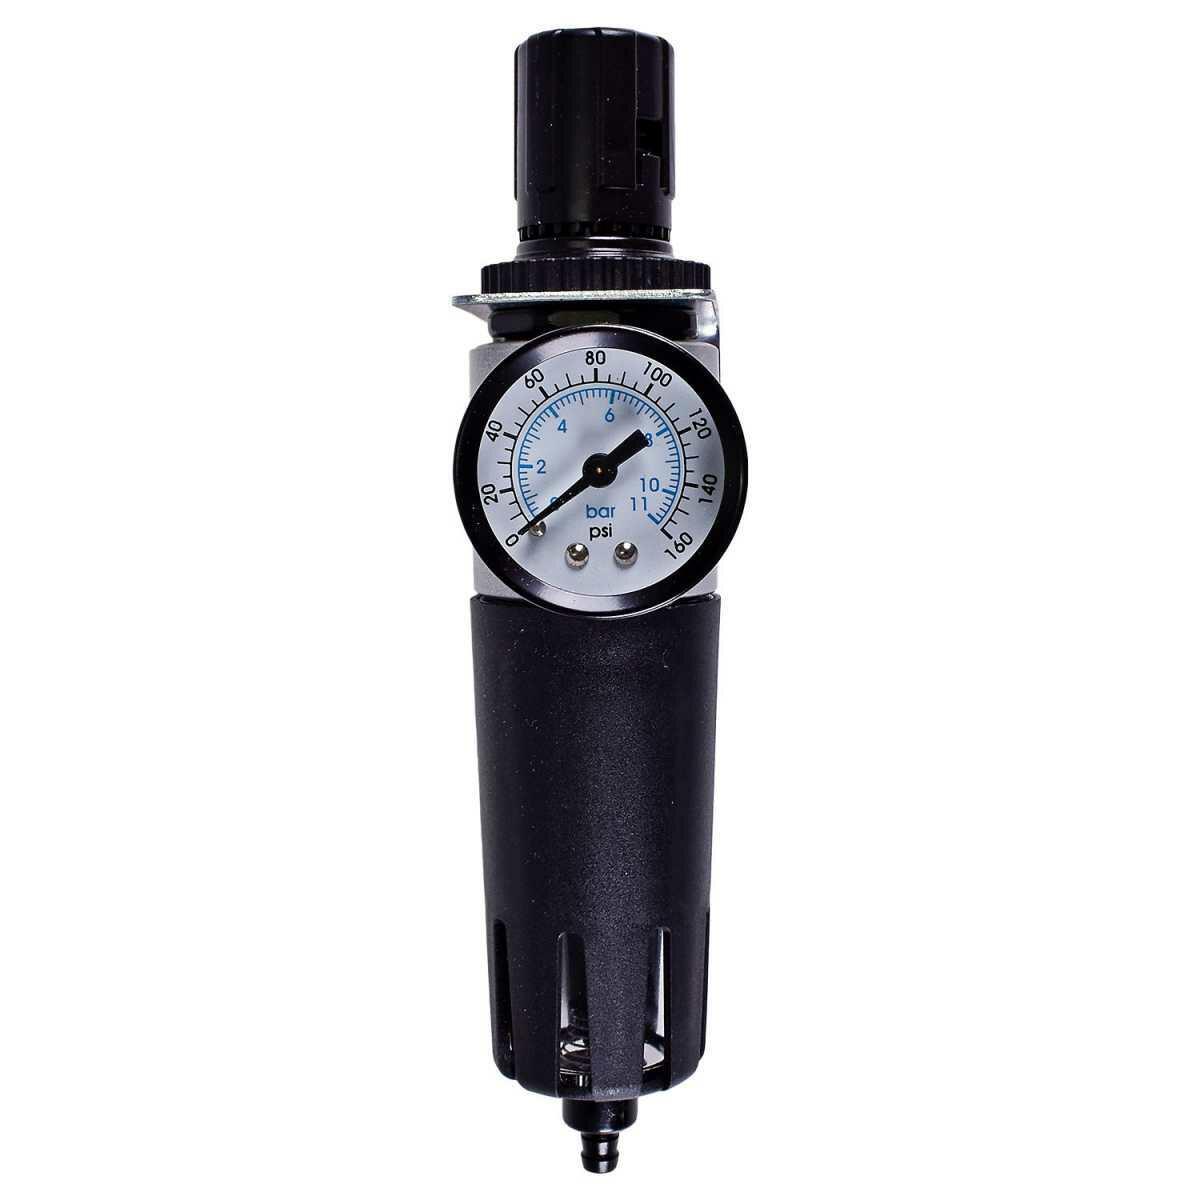 Filtro e Regulador Odonto. 1/4 Mini C.ativado Frca1 Pressure